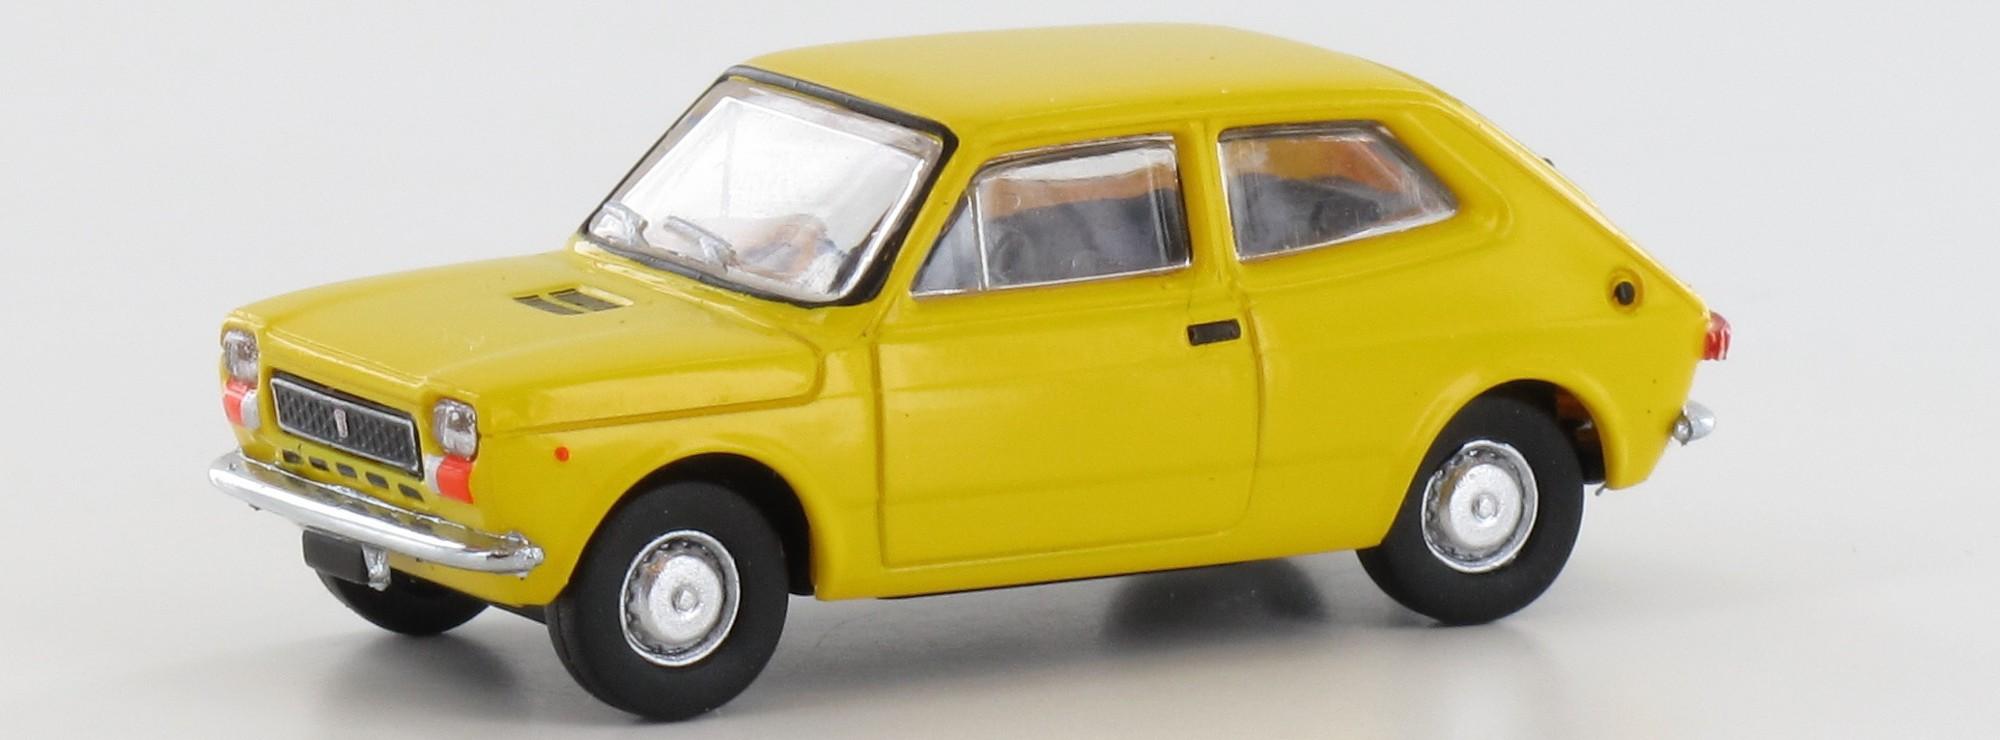 #22506 Brekina Fiat 127 dunkelorange 1:87